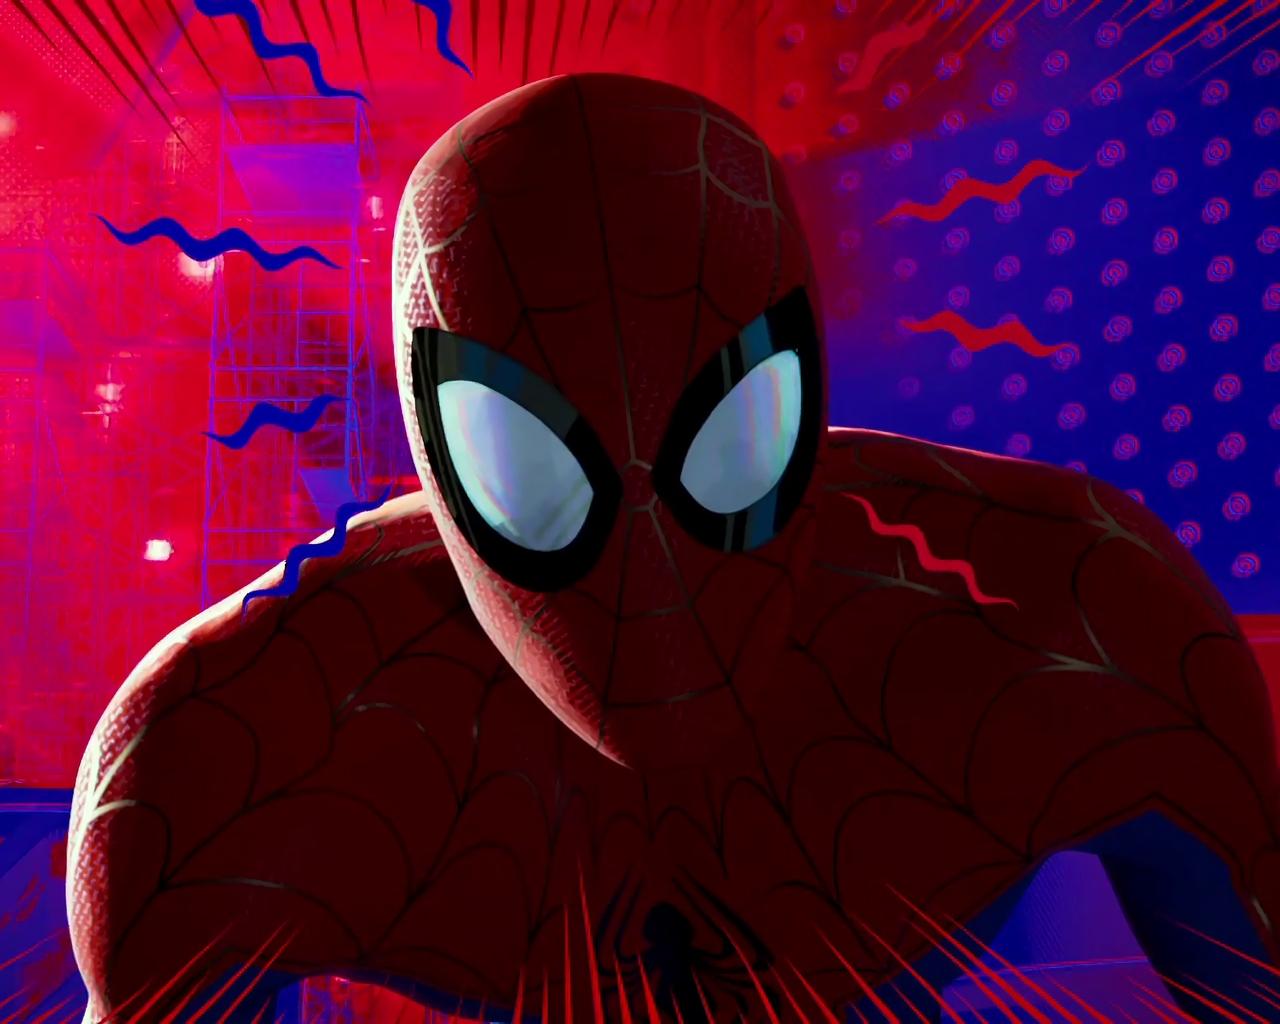 spiderman-into-the-spider-verse-2018-movie-4k-3u.jpg